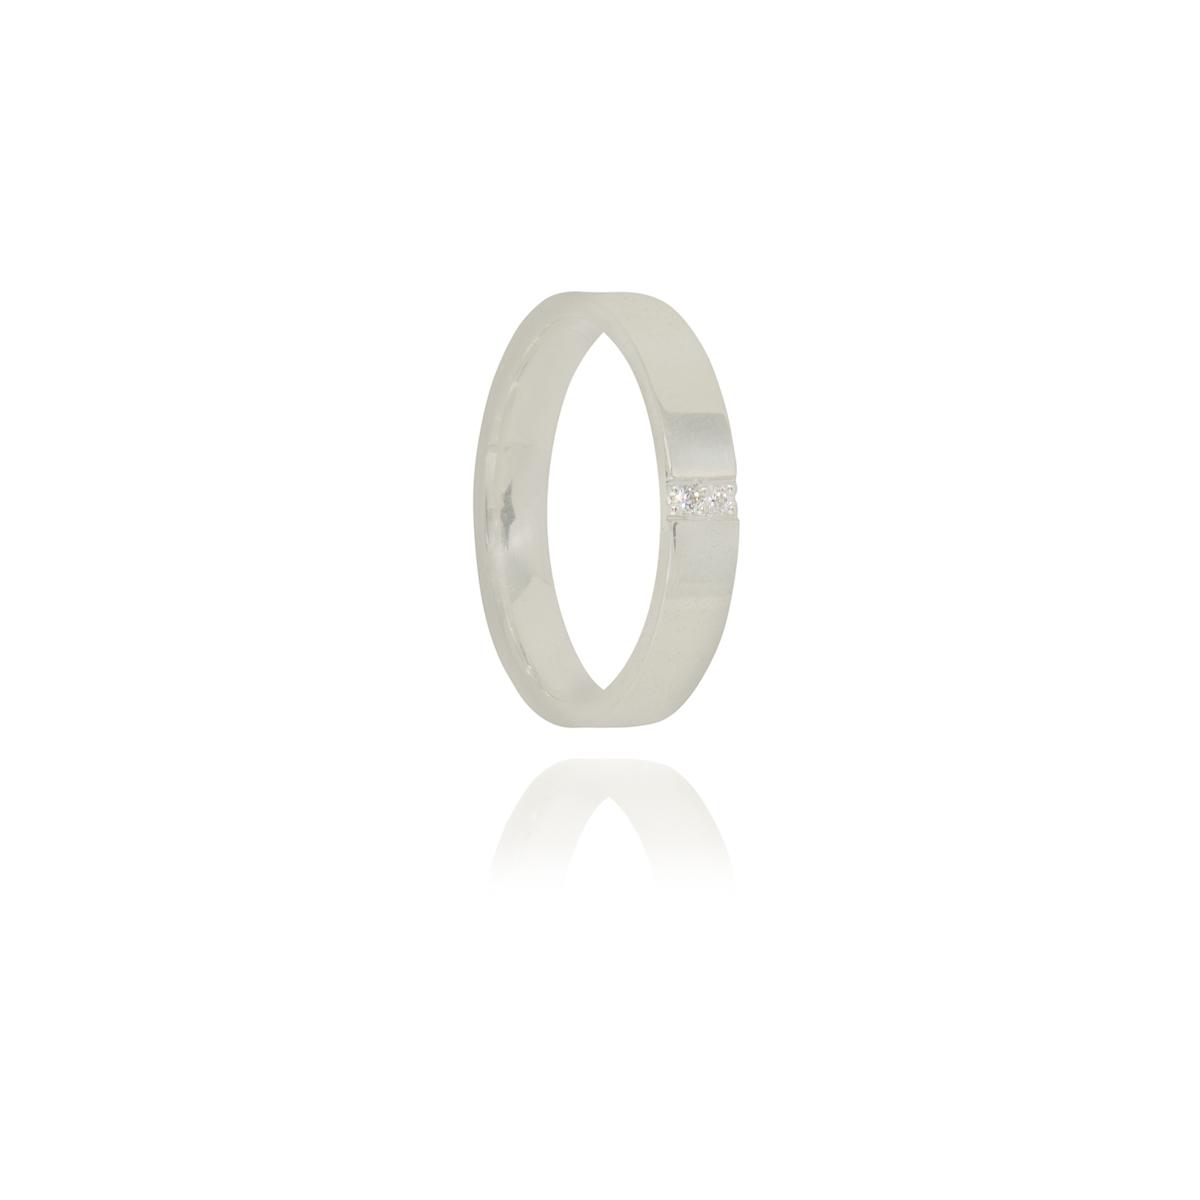 Aliança anatômica com pontos de luz em prata 925 pura 3,5 mm